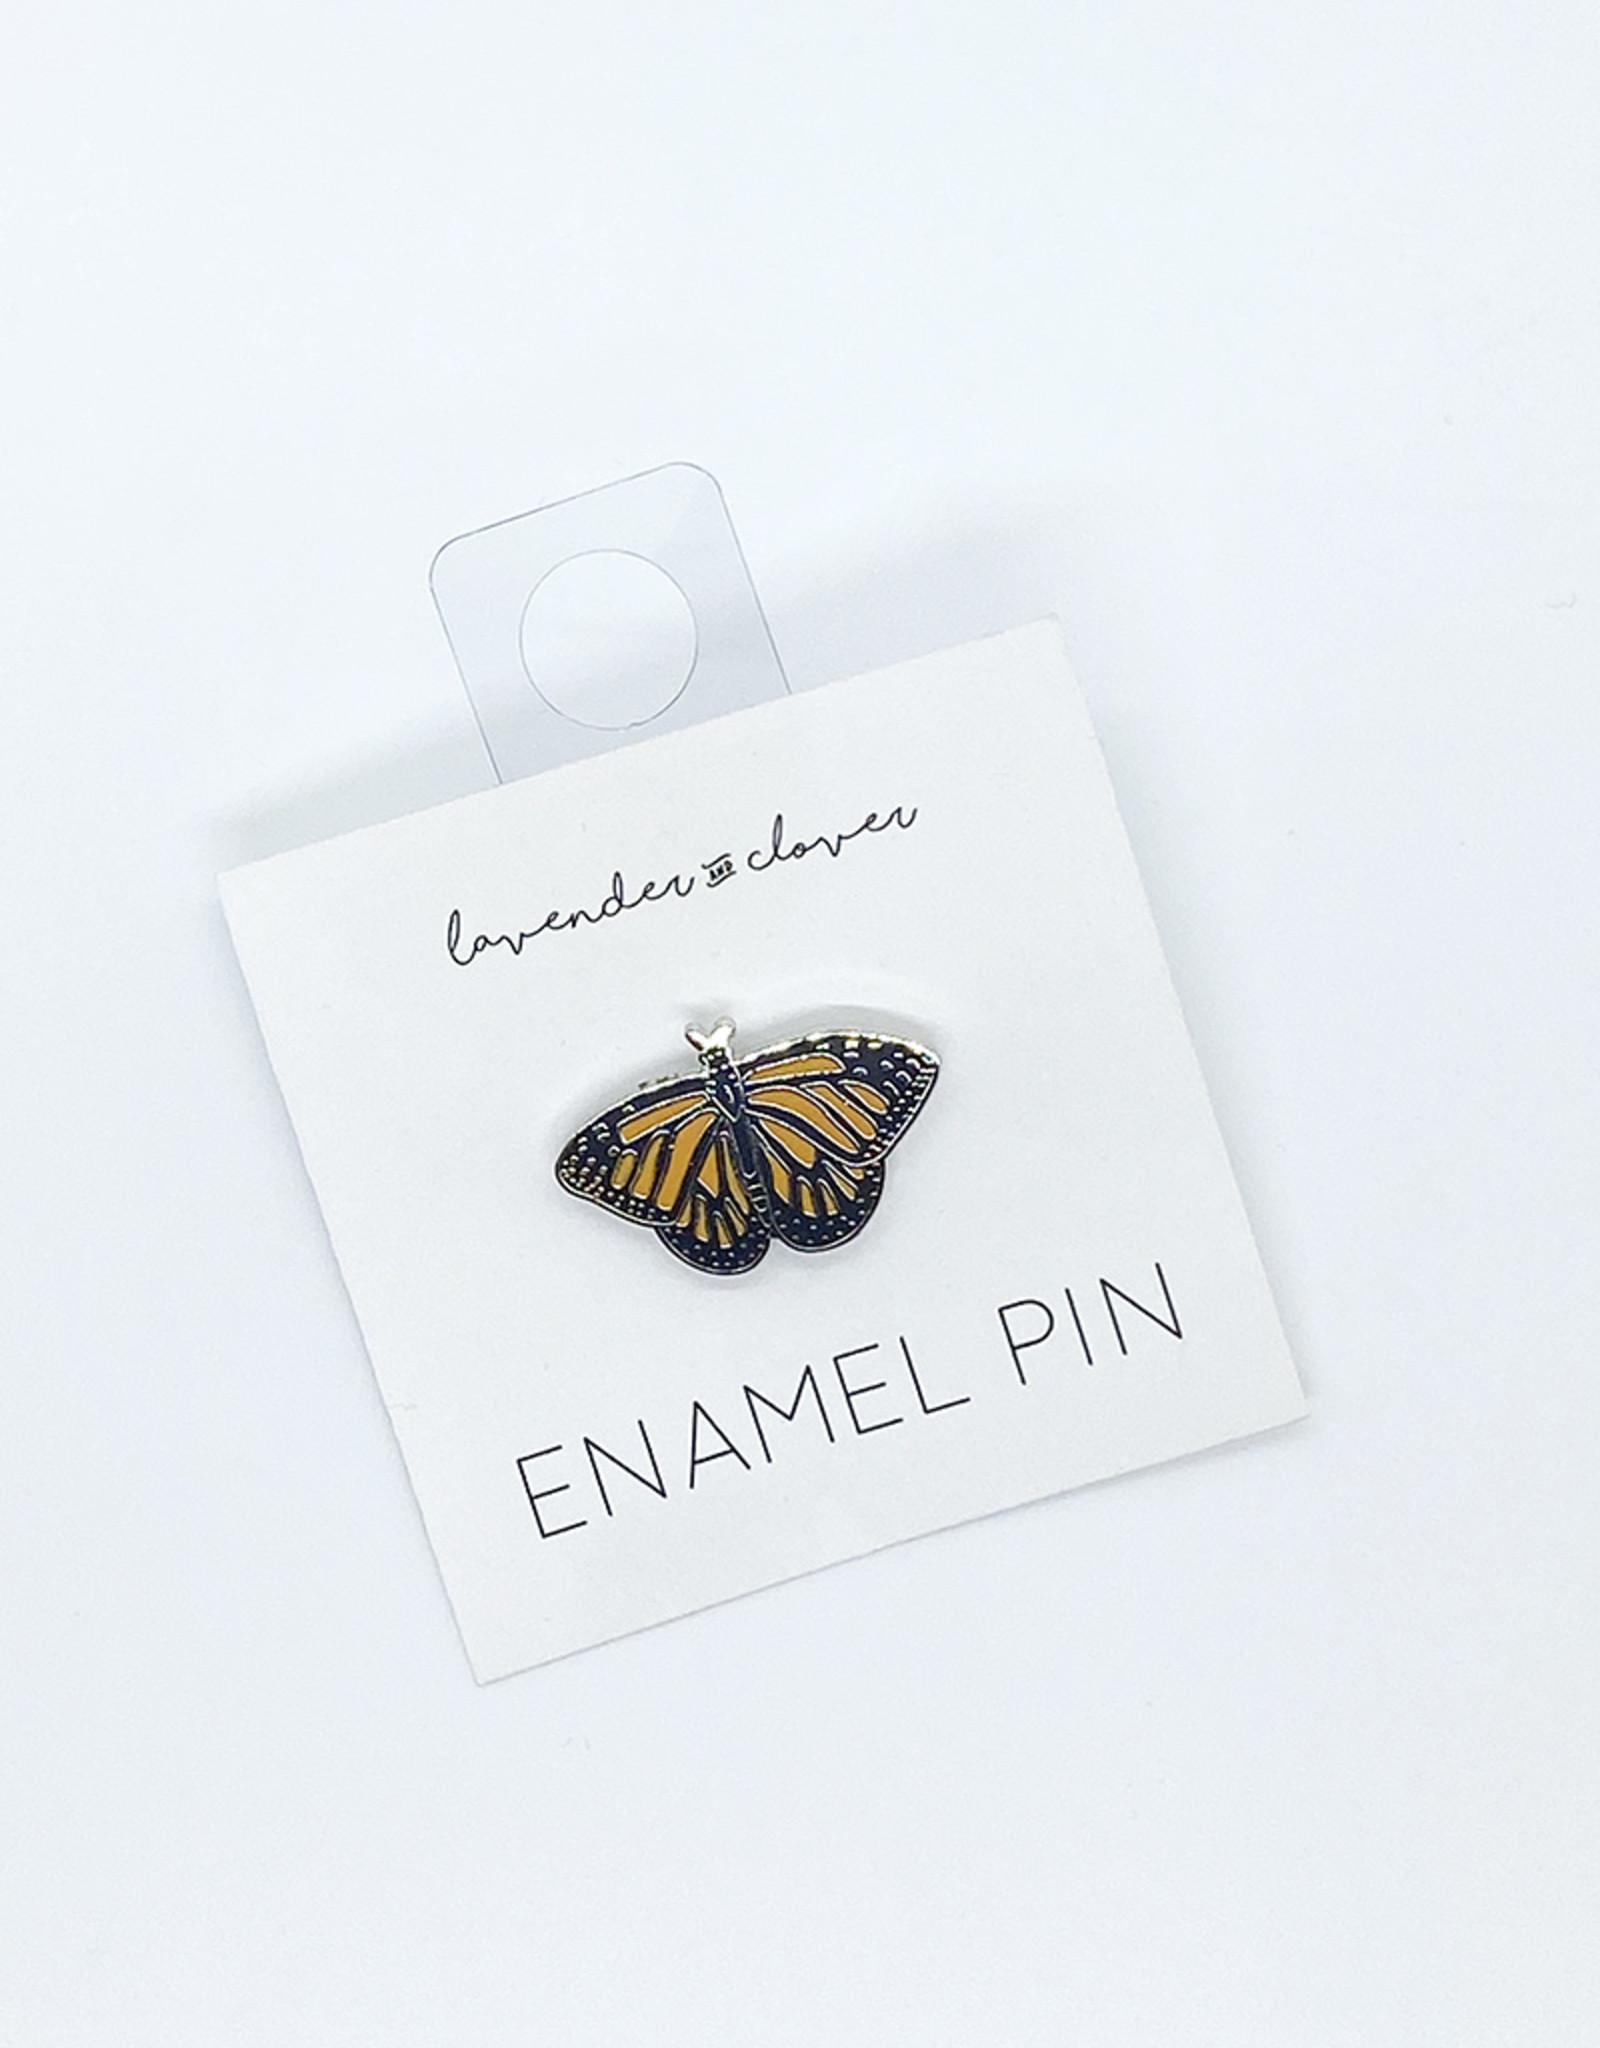 lavender + clover Enamel Pins by Lavender + Clover